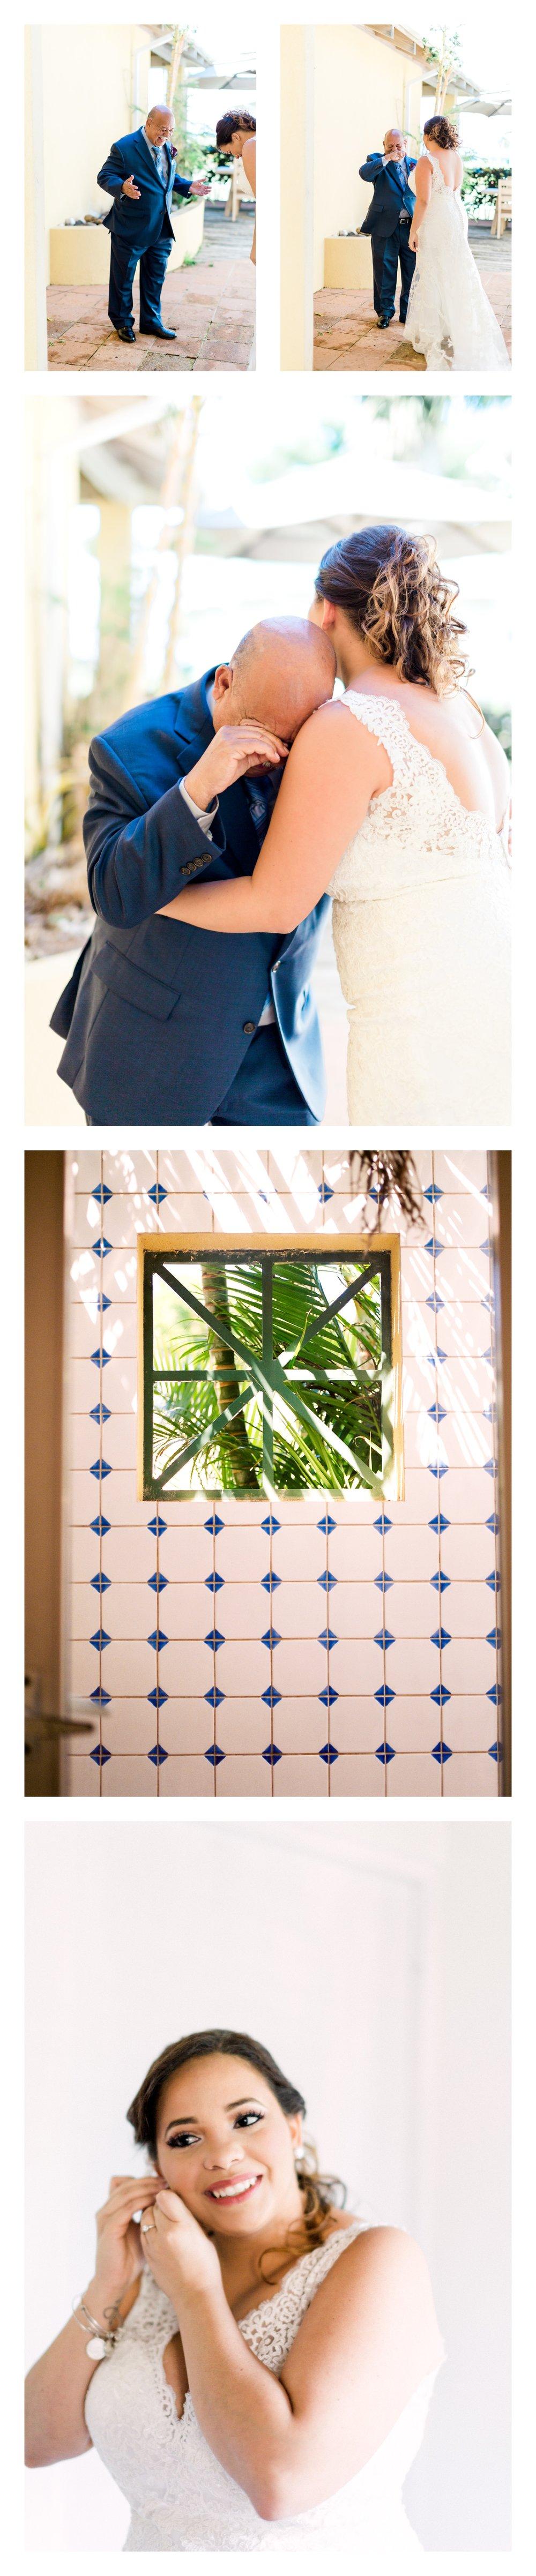 villa-montana-resort-isabela-puerto-rico-wedding_0011.jpg